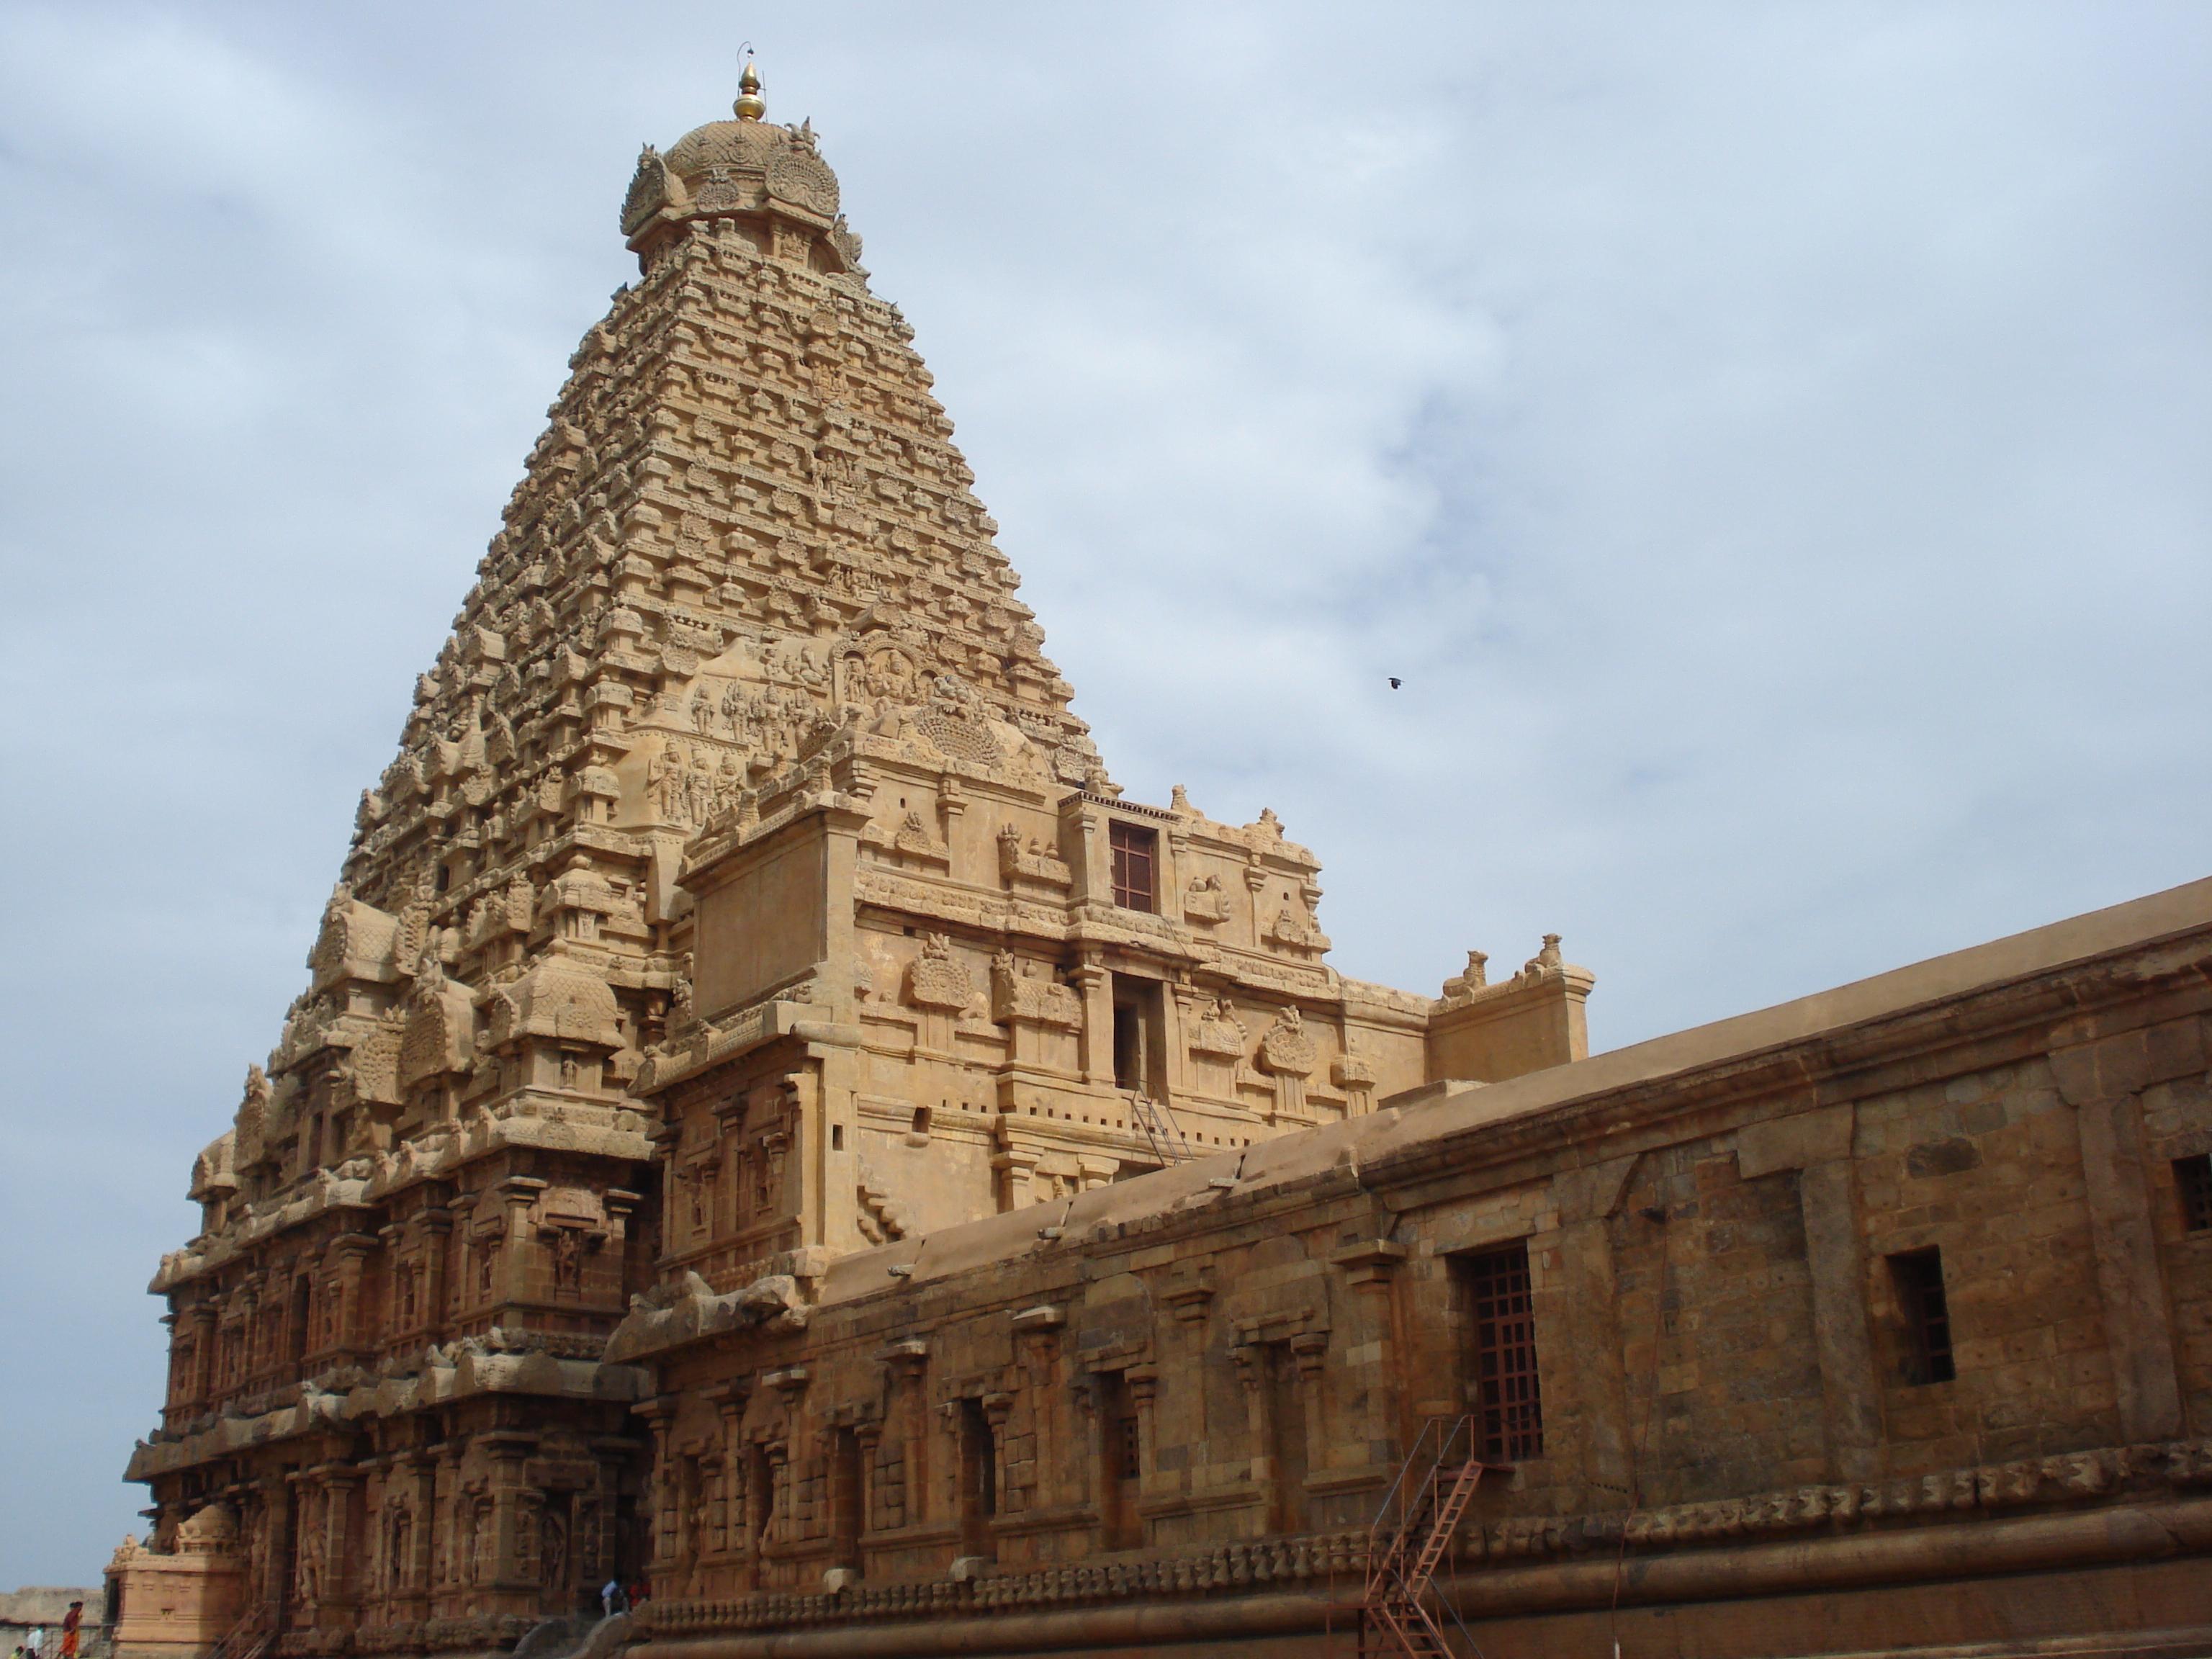 Rajaraja Chola I